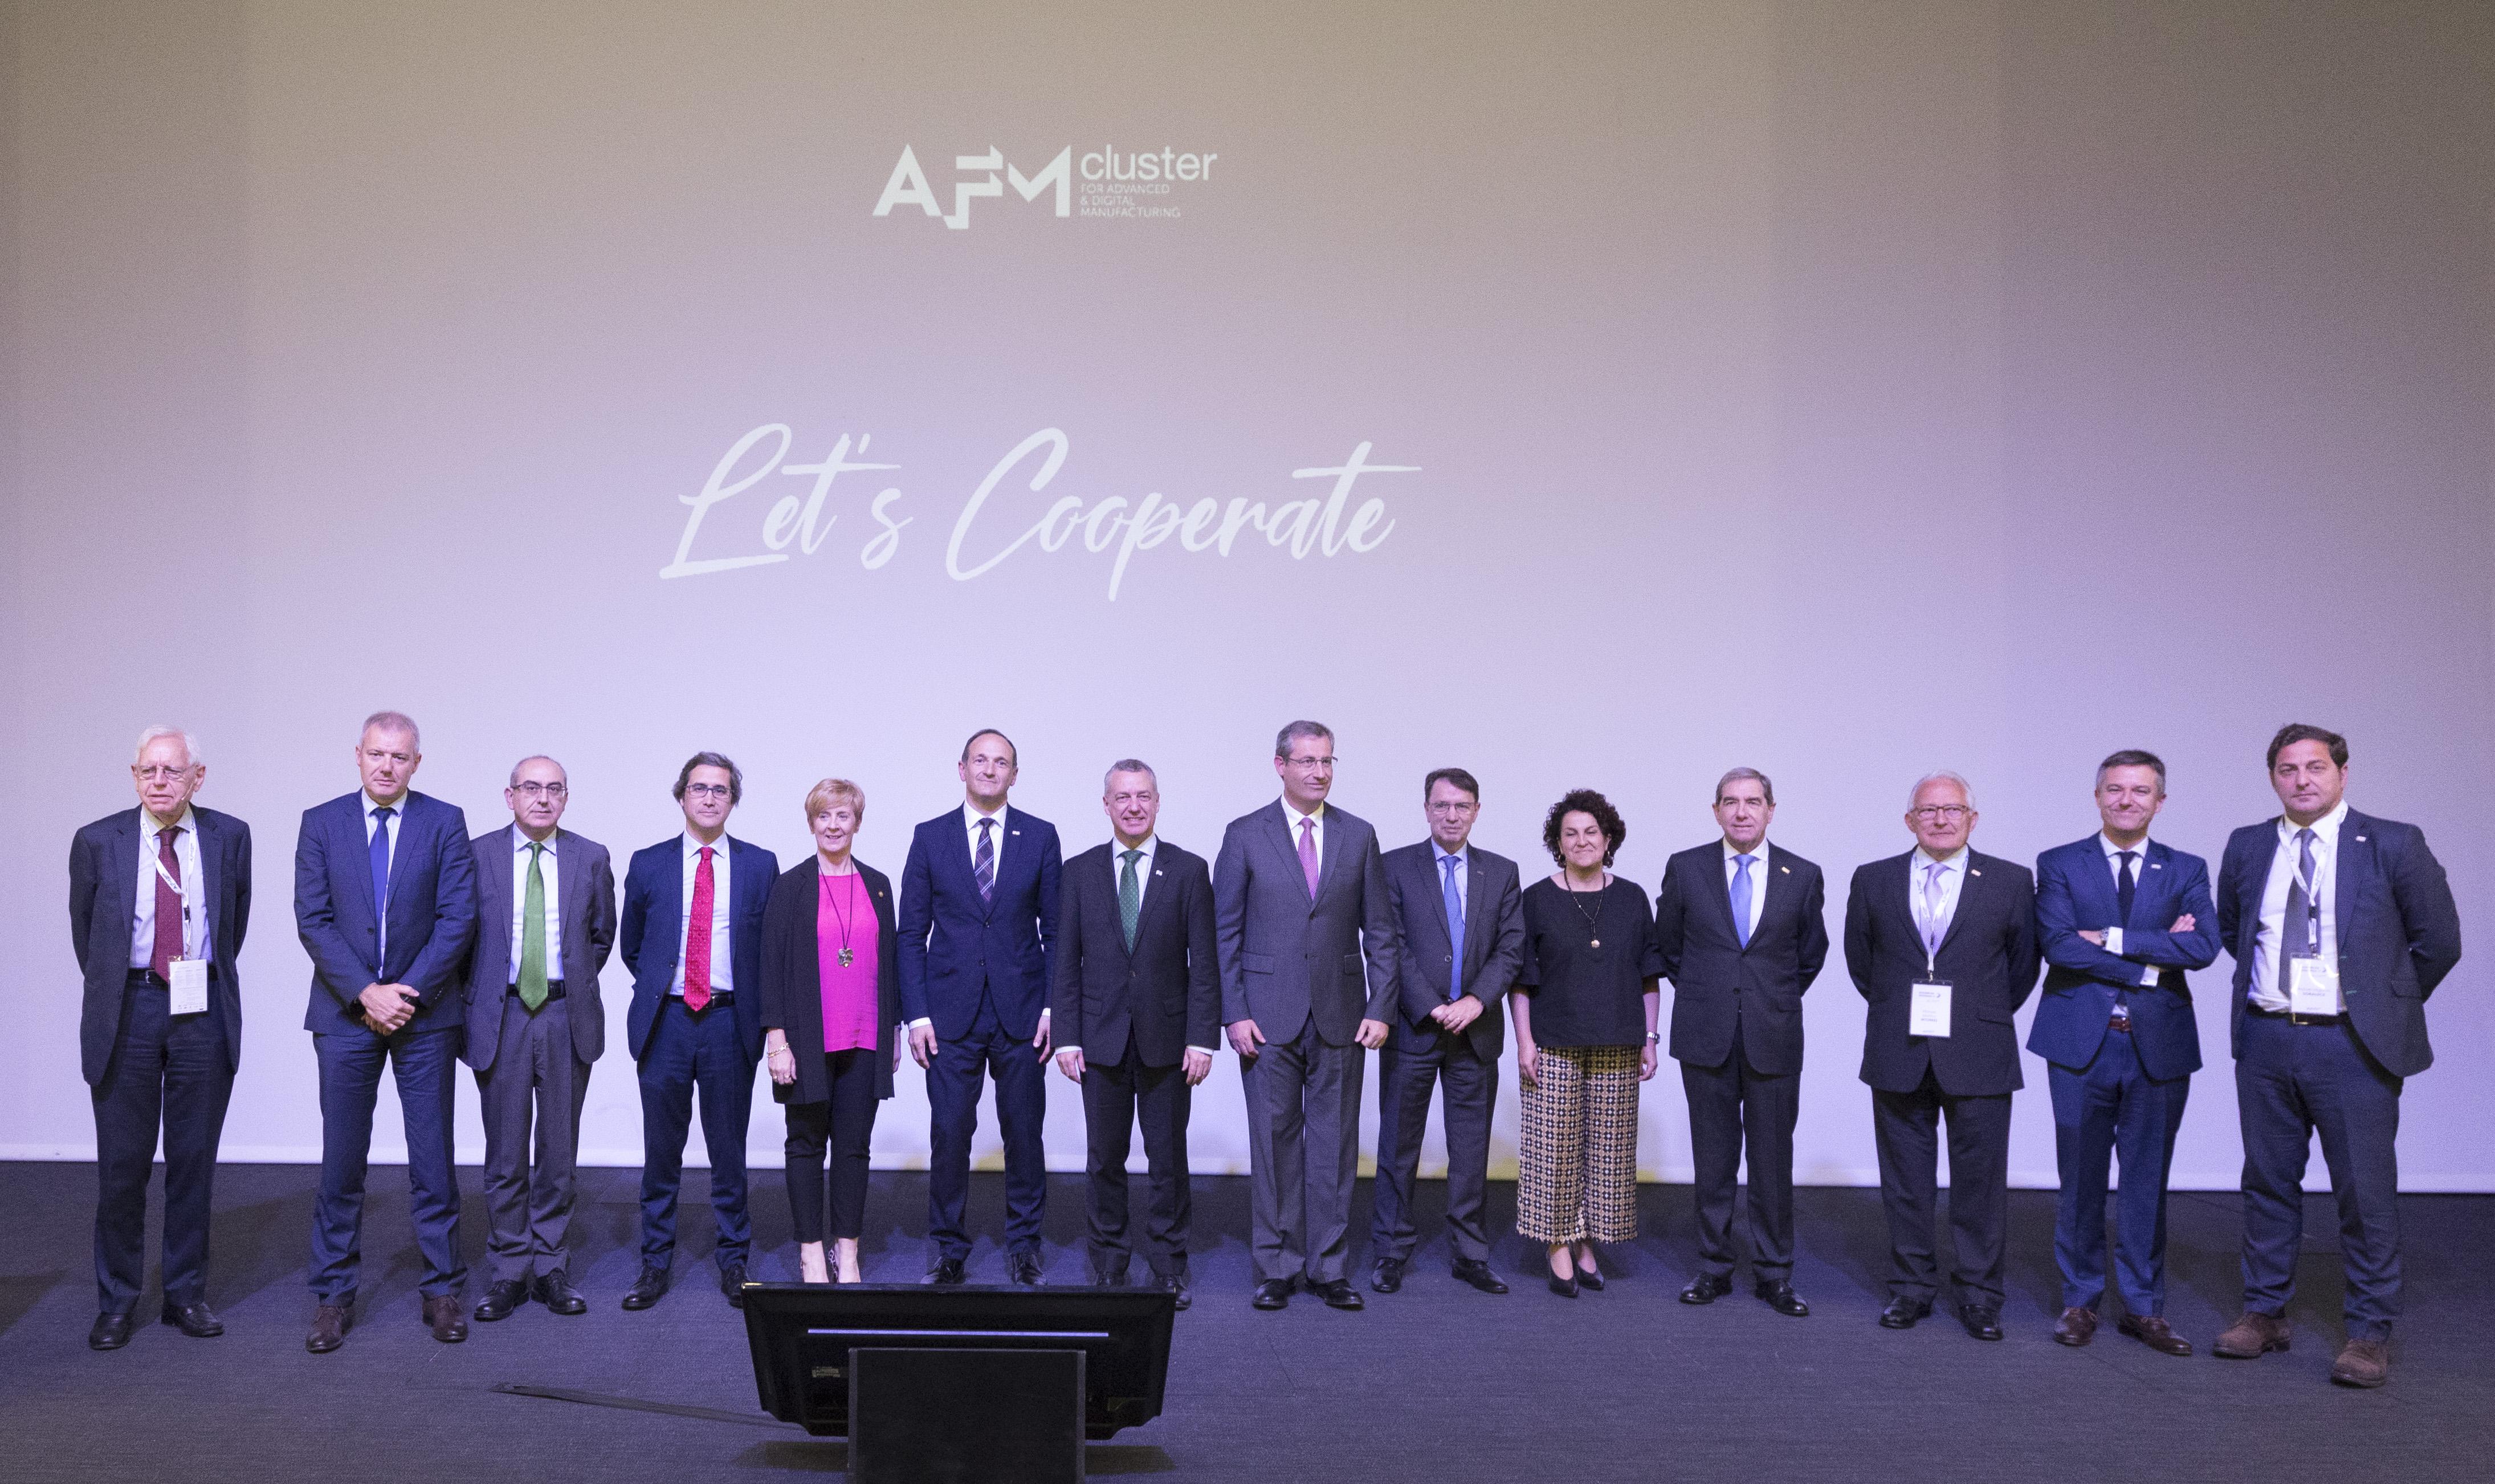 El Lehendakari presidió la Asamblea General de AFM